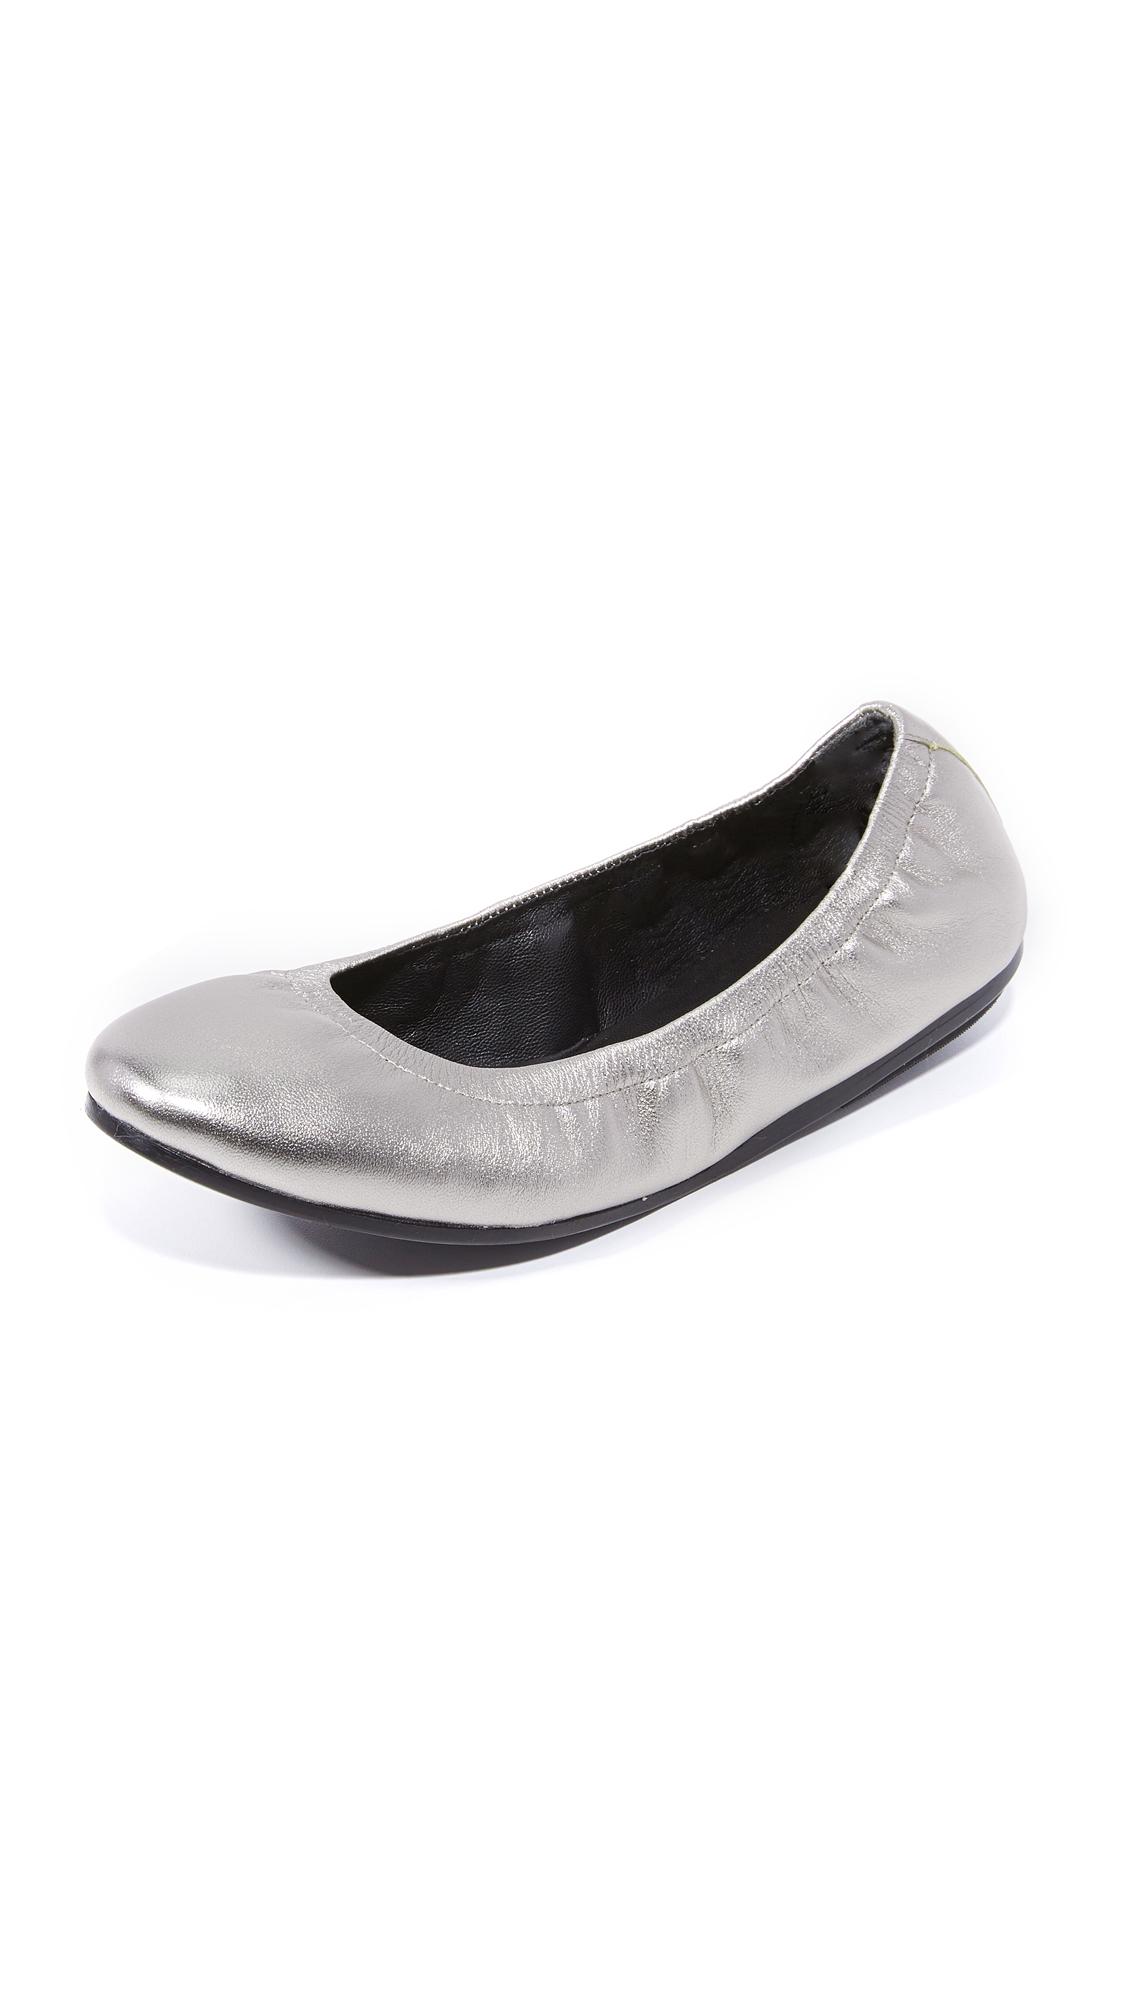 f48a2406c72f DKNY Alice Ballerina Flats